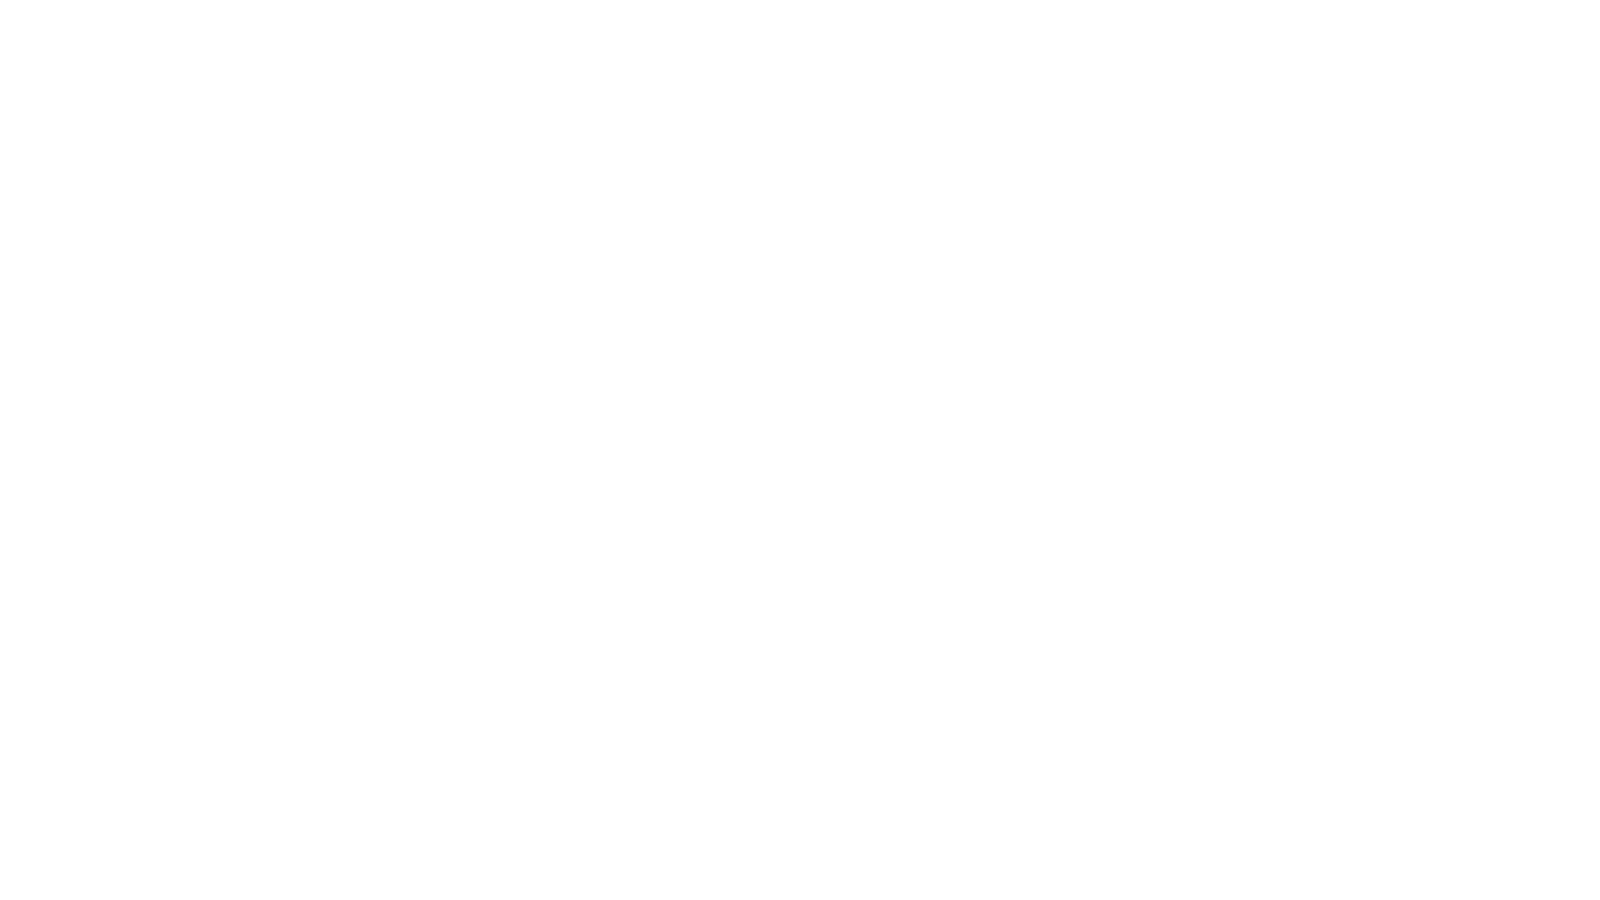 """Videolezione 27 aprile 2020. La lezione del 24 aprile sembra non sia di gradimento allo staff di YouTube. Dopo la prima fase, abbiamo ampiamente dibattuto situazioni di difesa personale mediante la visualizzazione di quattro video a tema. ... Vista l'impossibilità di procedere con gli allenamenti presso le strutture sportive, per ovviare a questo regime di reclusione, il team @sonoquiperimparare  ha deciso di supportare i propri amici/allievi con una serie di lezioni #LIVE e schede di allenamento settimanali. Questo #podcast, unitamente alla scheda di allenamento, viene messo a disposizione del gruppo per fare in modo che tutti possano """"crescere"""" in modo equivalente. L'obiettivo è come sempre, e soprattutto #imparare e #migliorare. #miglioramento #sanda #kalikalasag #kali #difesa #difesapersonale #selfdefence #totalbody #functionaltraining #warmup #riscaldamento #stretching #empiremartialarts #gym #fitness #martialarts #lovefitness #passion #fashionfitness #coachingonline #coach #workout #instafitness #instagood @empiresportresort @stefanocapannapisce @chriss.pt"""